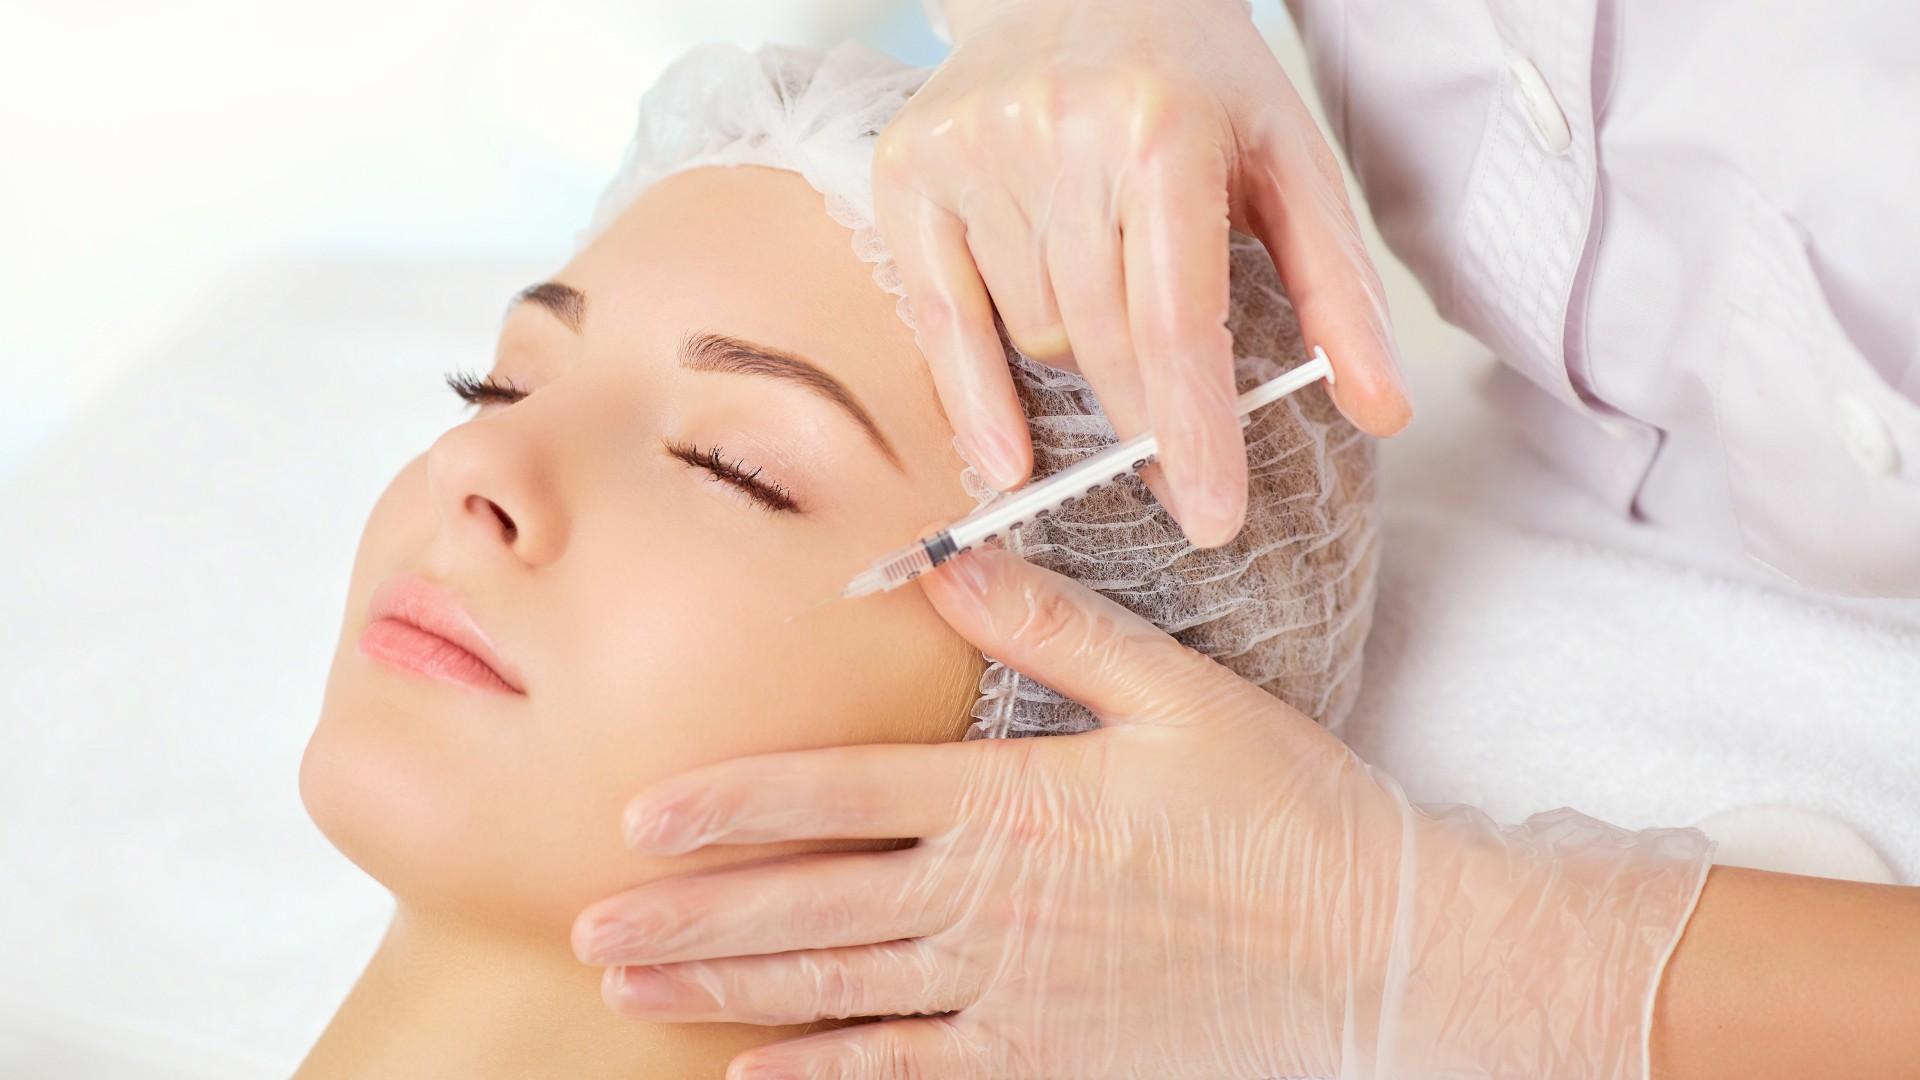 preparaty anti-aging a mezoterapia igłowa